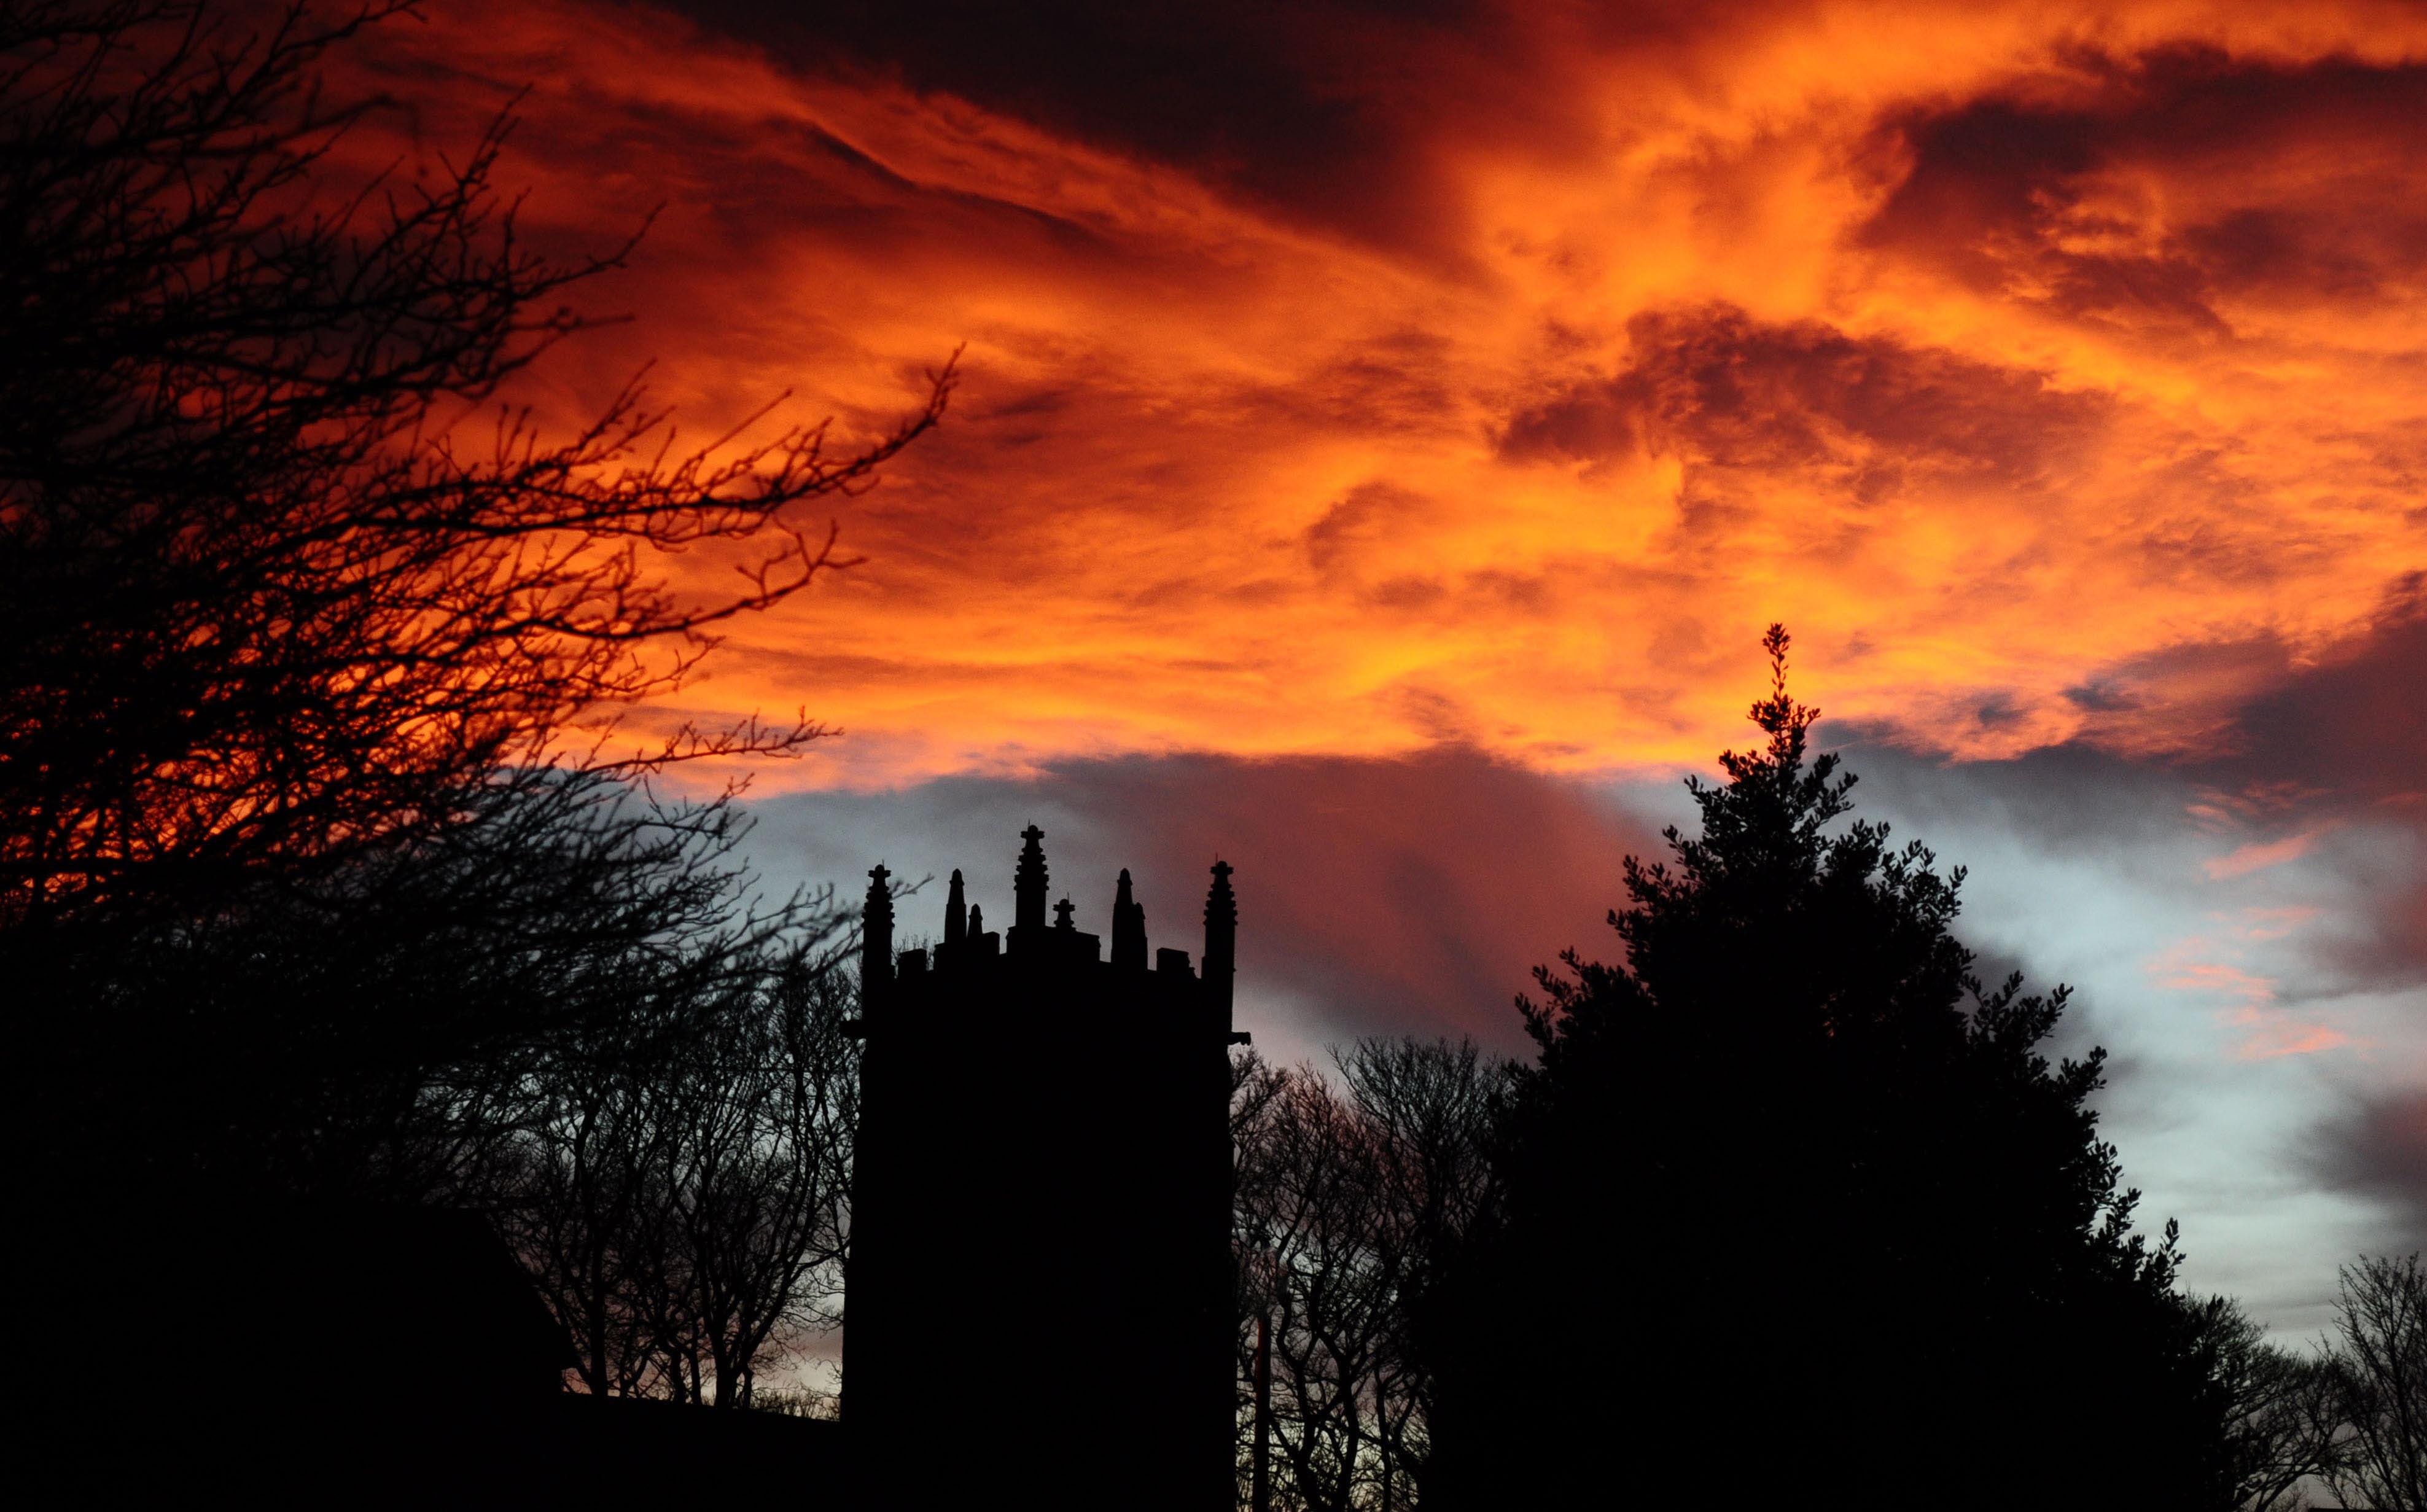 Hintergrundbilder : Vereinigtes Königreich, Winter, Sonnenuntergang ...